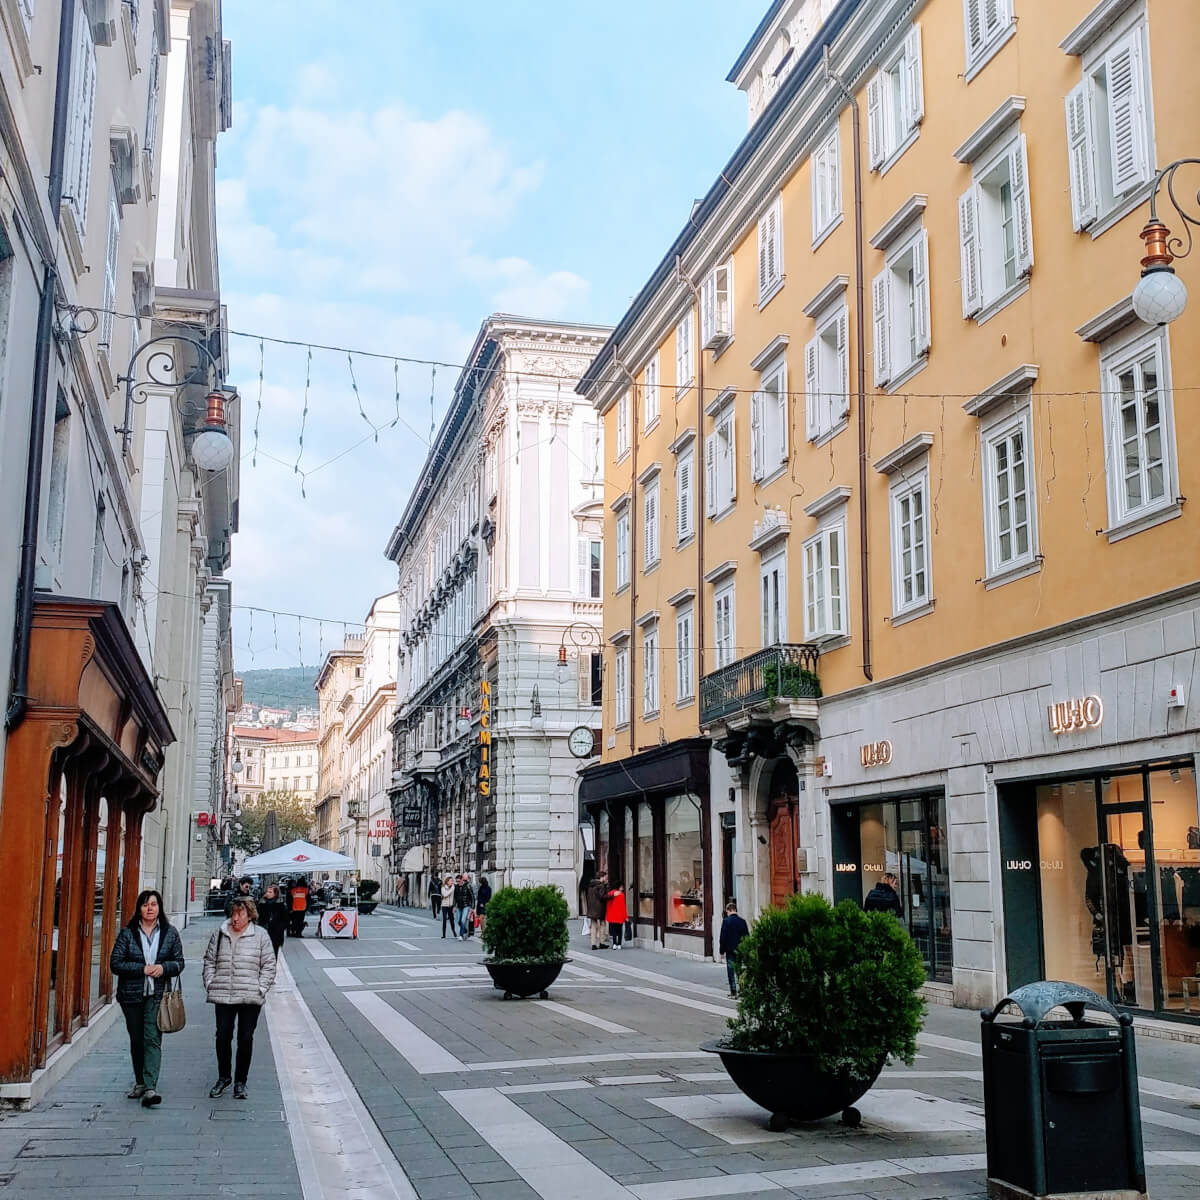 Via San Niccolò, Trieste